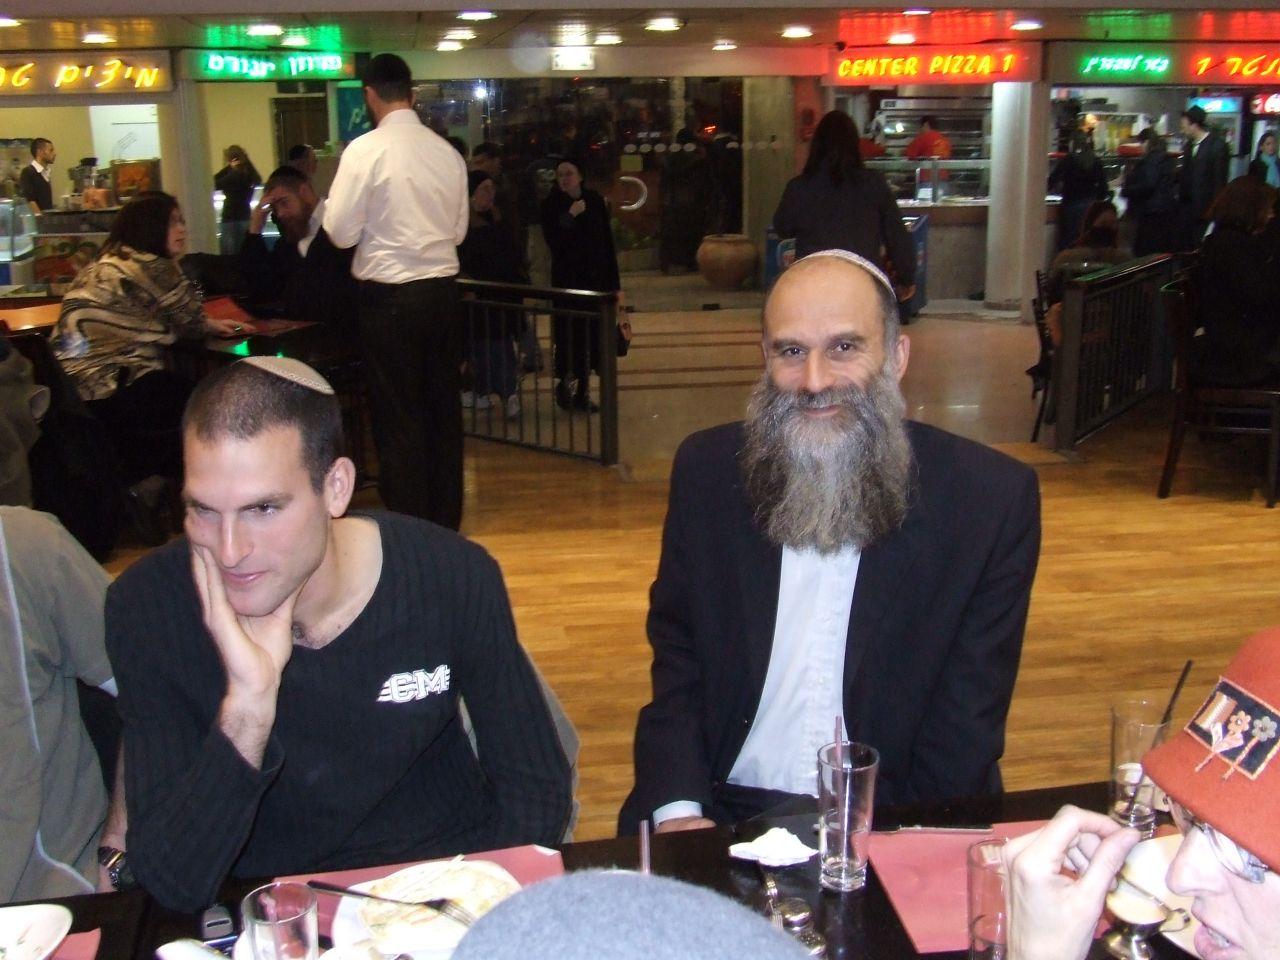 ערב פסח תשסז שלמה ואבא במסיבת השחרור של יצחק